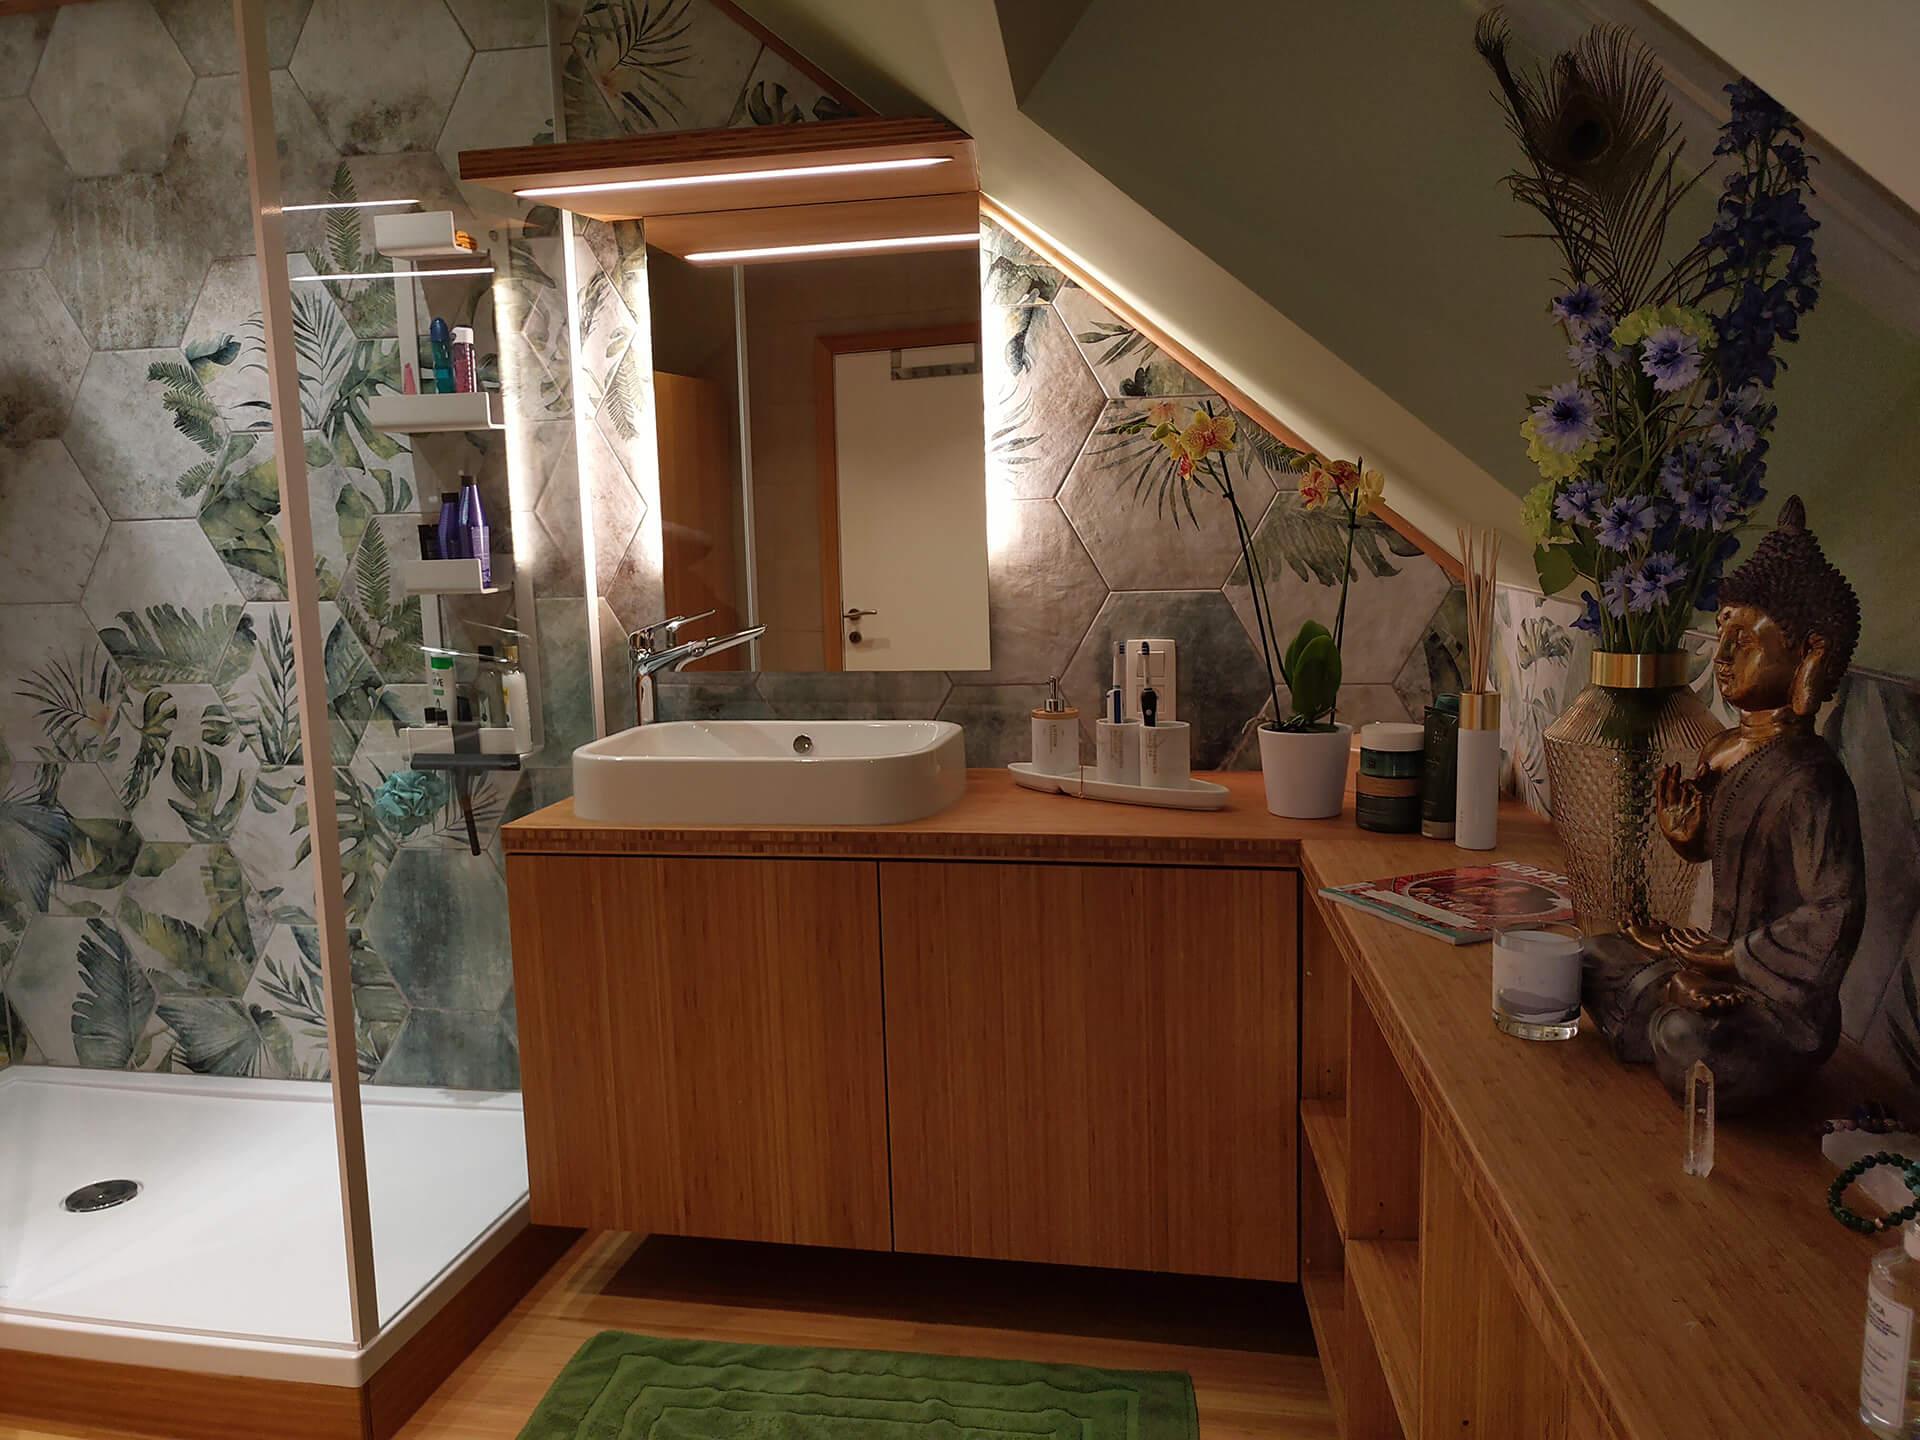 salle-de-bain-3-bo-deco